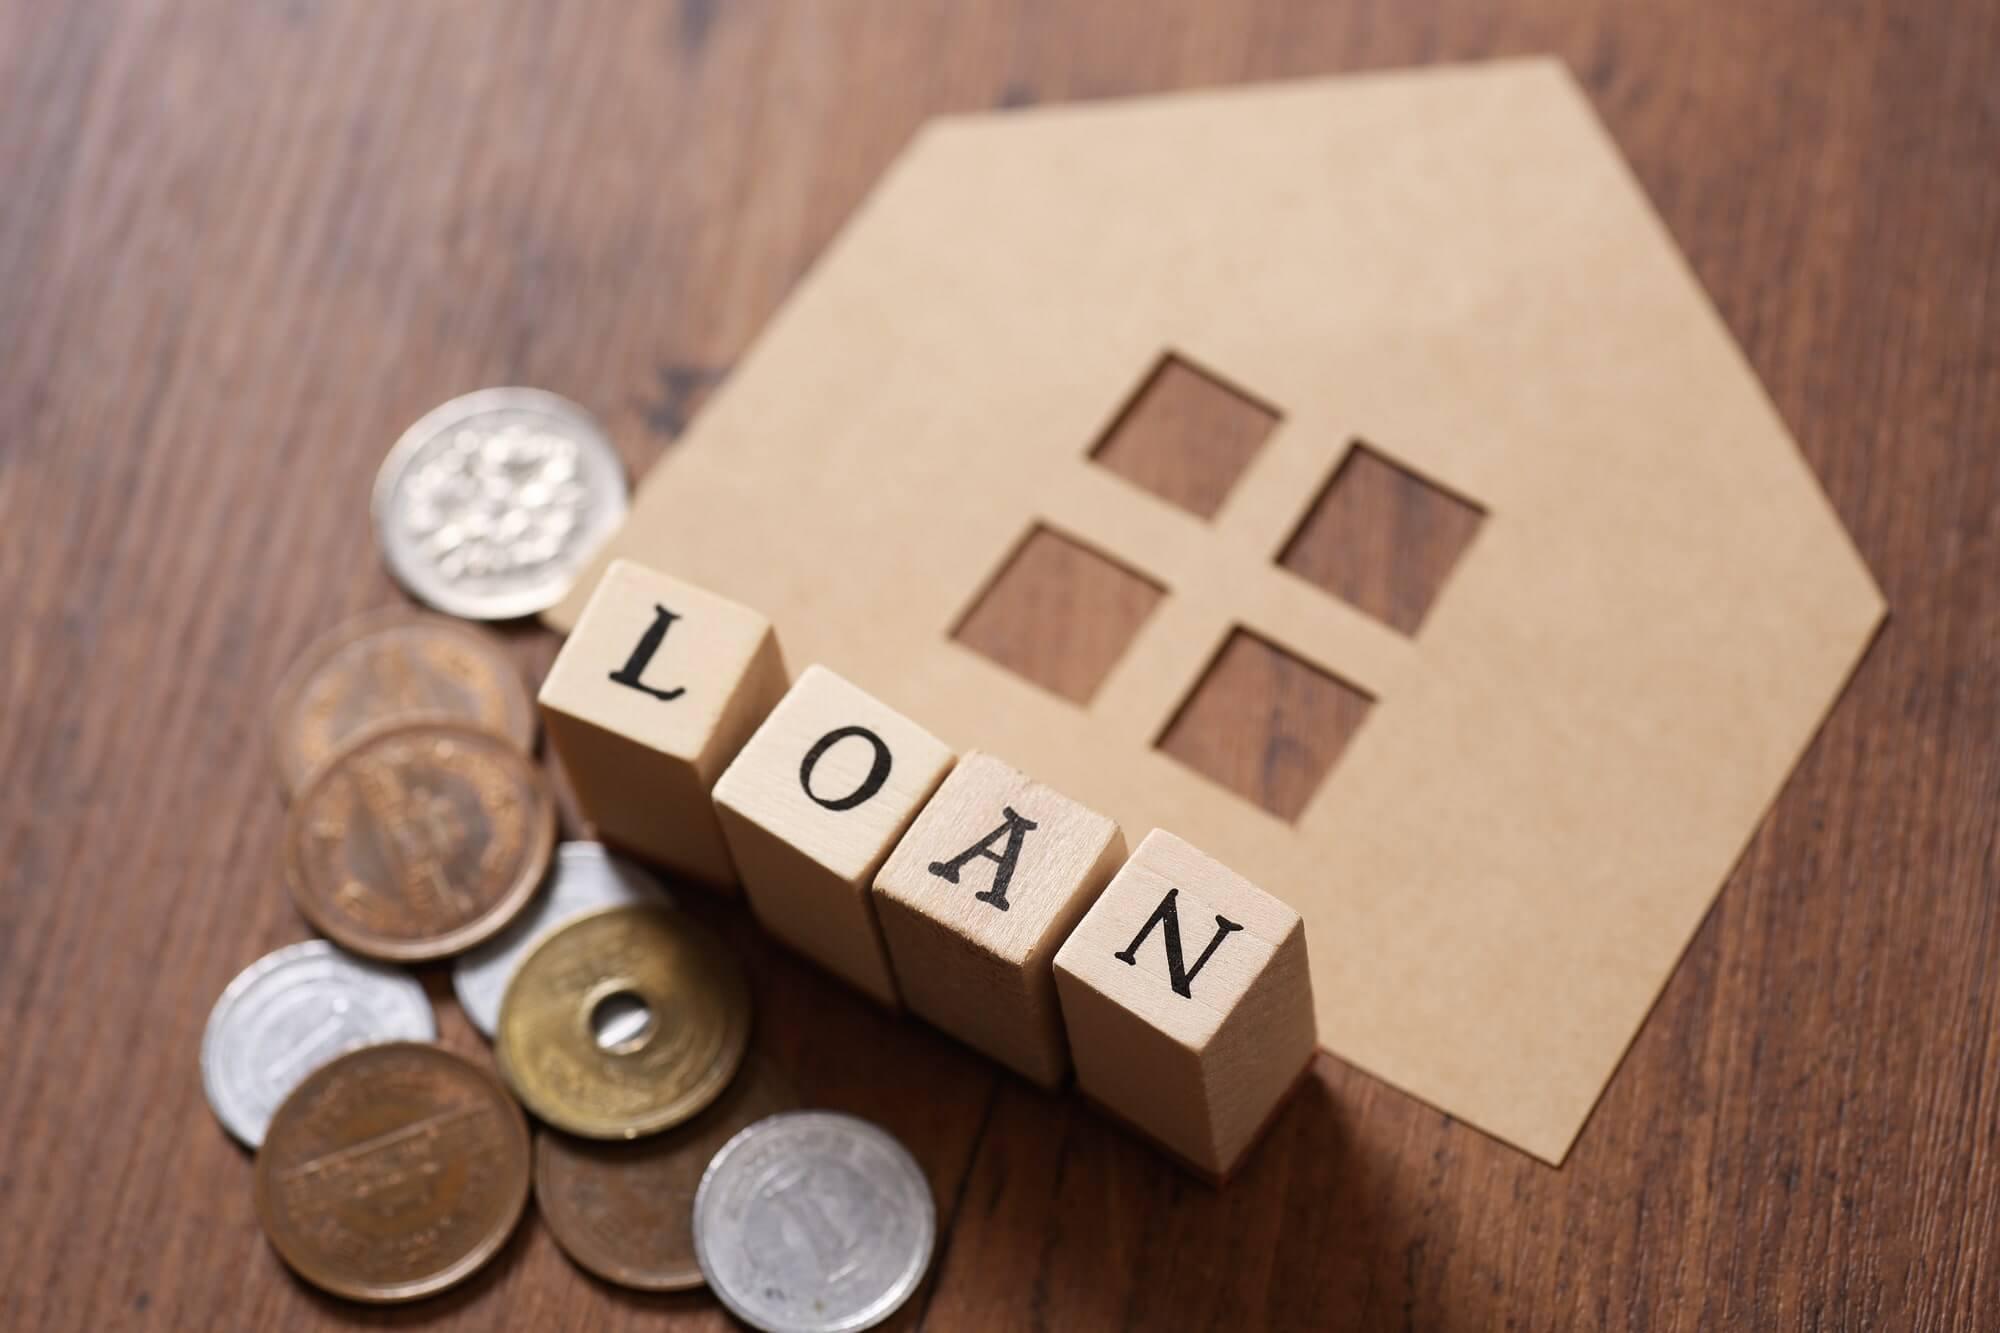 住宅ローンの返済期間は延長可能!毎月の返済額を減らすための手順とは?